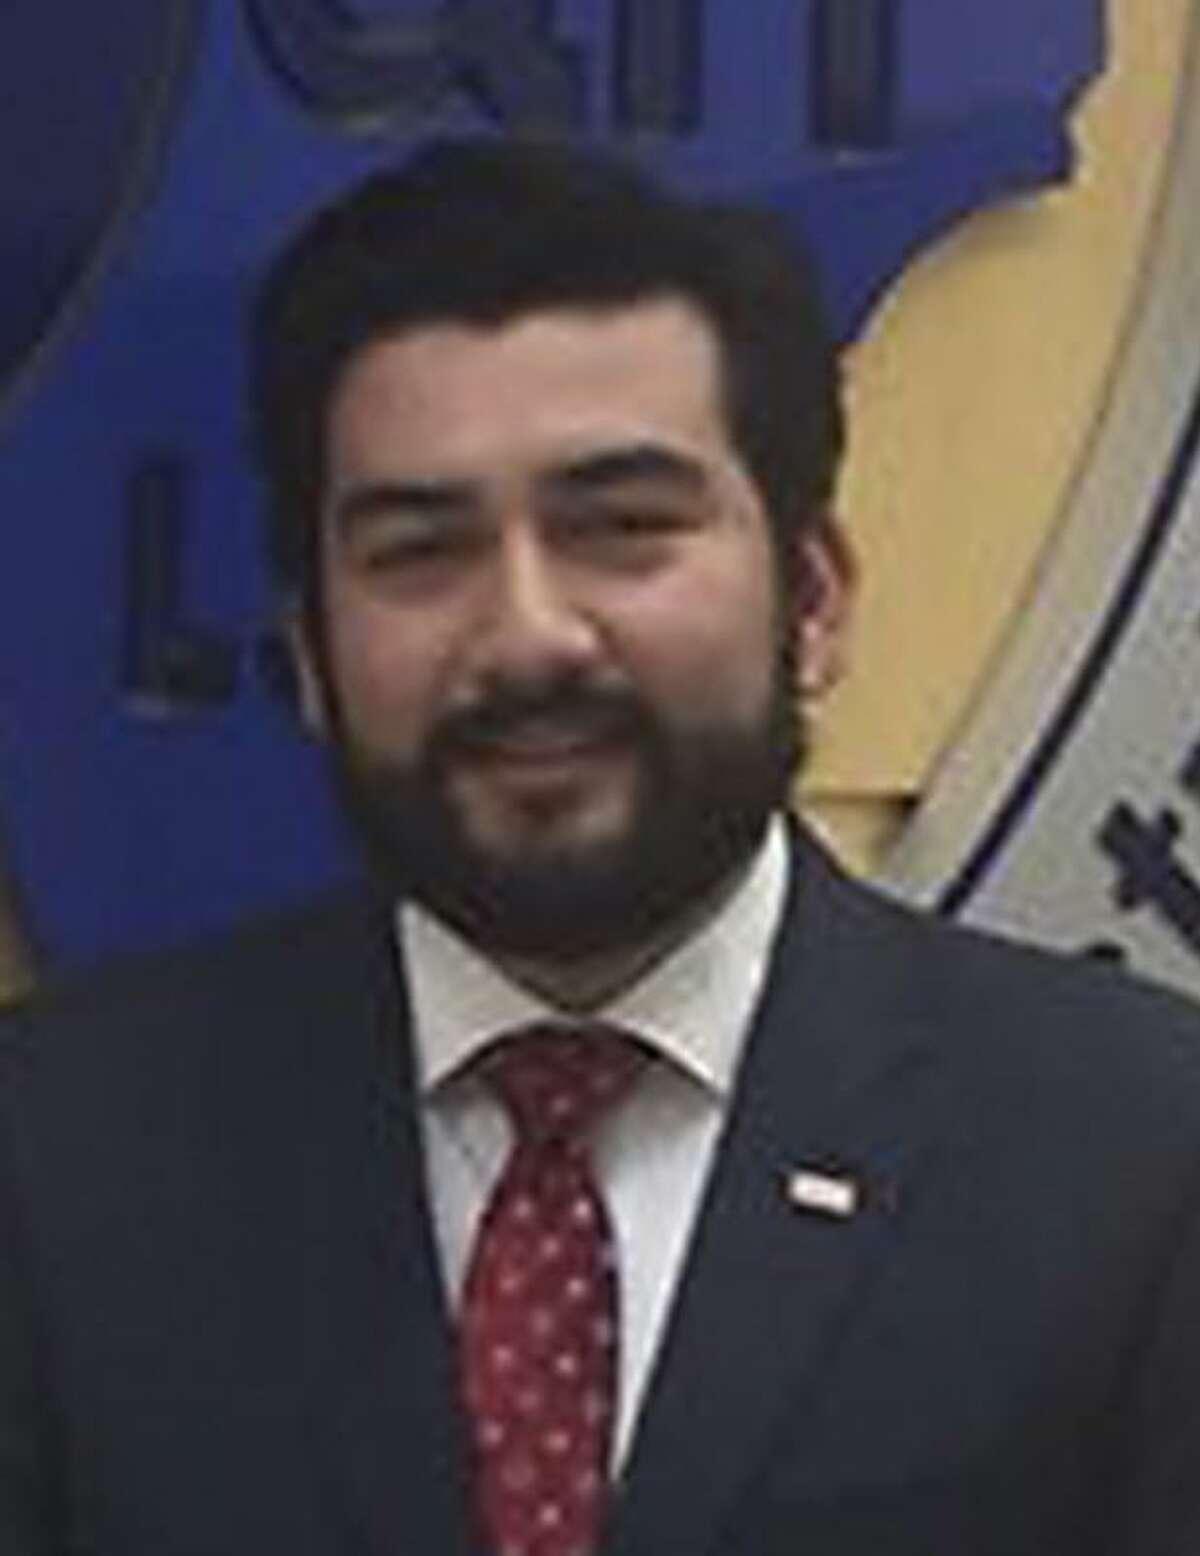 Photo of Edward Mungia